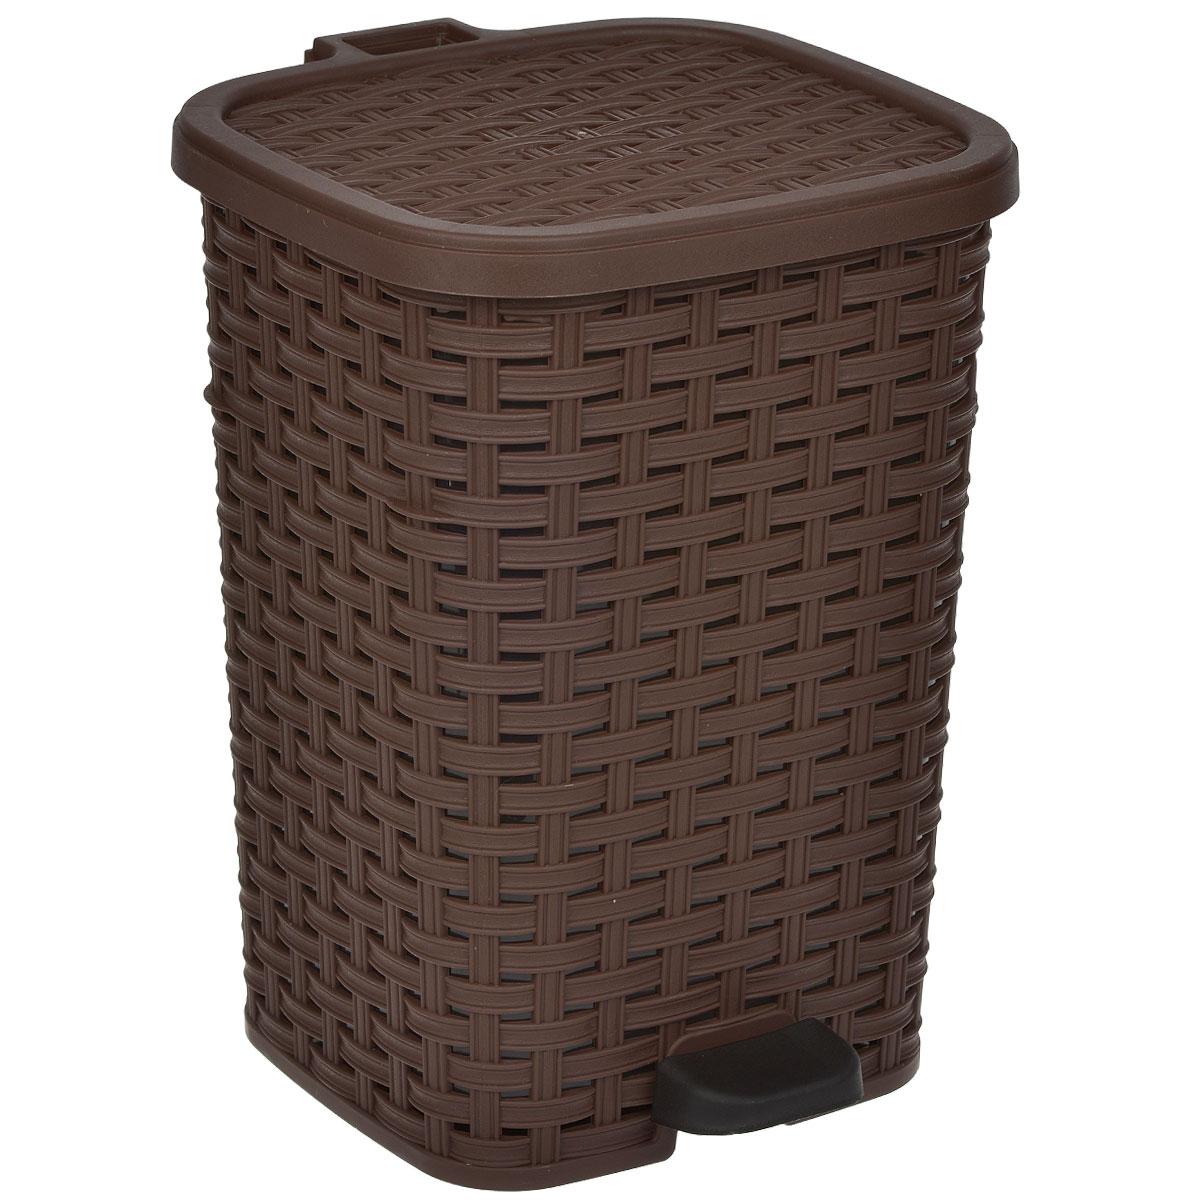 Ведро для мусора Dunya Plastik Раттан, с педалью, цвет: коричневый, черный, 12 л1053Ведро для мусора Dunya Plastik Раттан, выполненное из прочного пластика, обеспечит долгий срок службы и легкую чистку. Ведро поможет вам держать мелкий мусор в порядке и предотвратит распространение неприятного запаха. Откидная пластиковая крышка открывается и закрывается при помощи педали. Изделие выполнено в виде плетеной корзины с пластиковой вынимающейся емкостью для мусора внутри. Размер ведра (по верхнему краю): 24 см х 22 см. Высота (без учета крышки): 33 см. Высота (с учетом крышки): 34,5 см.